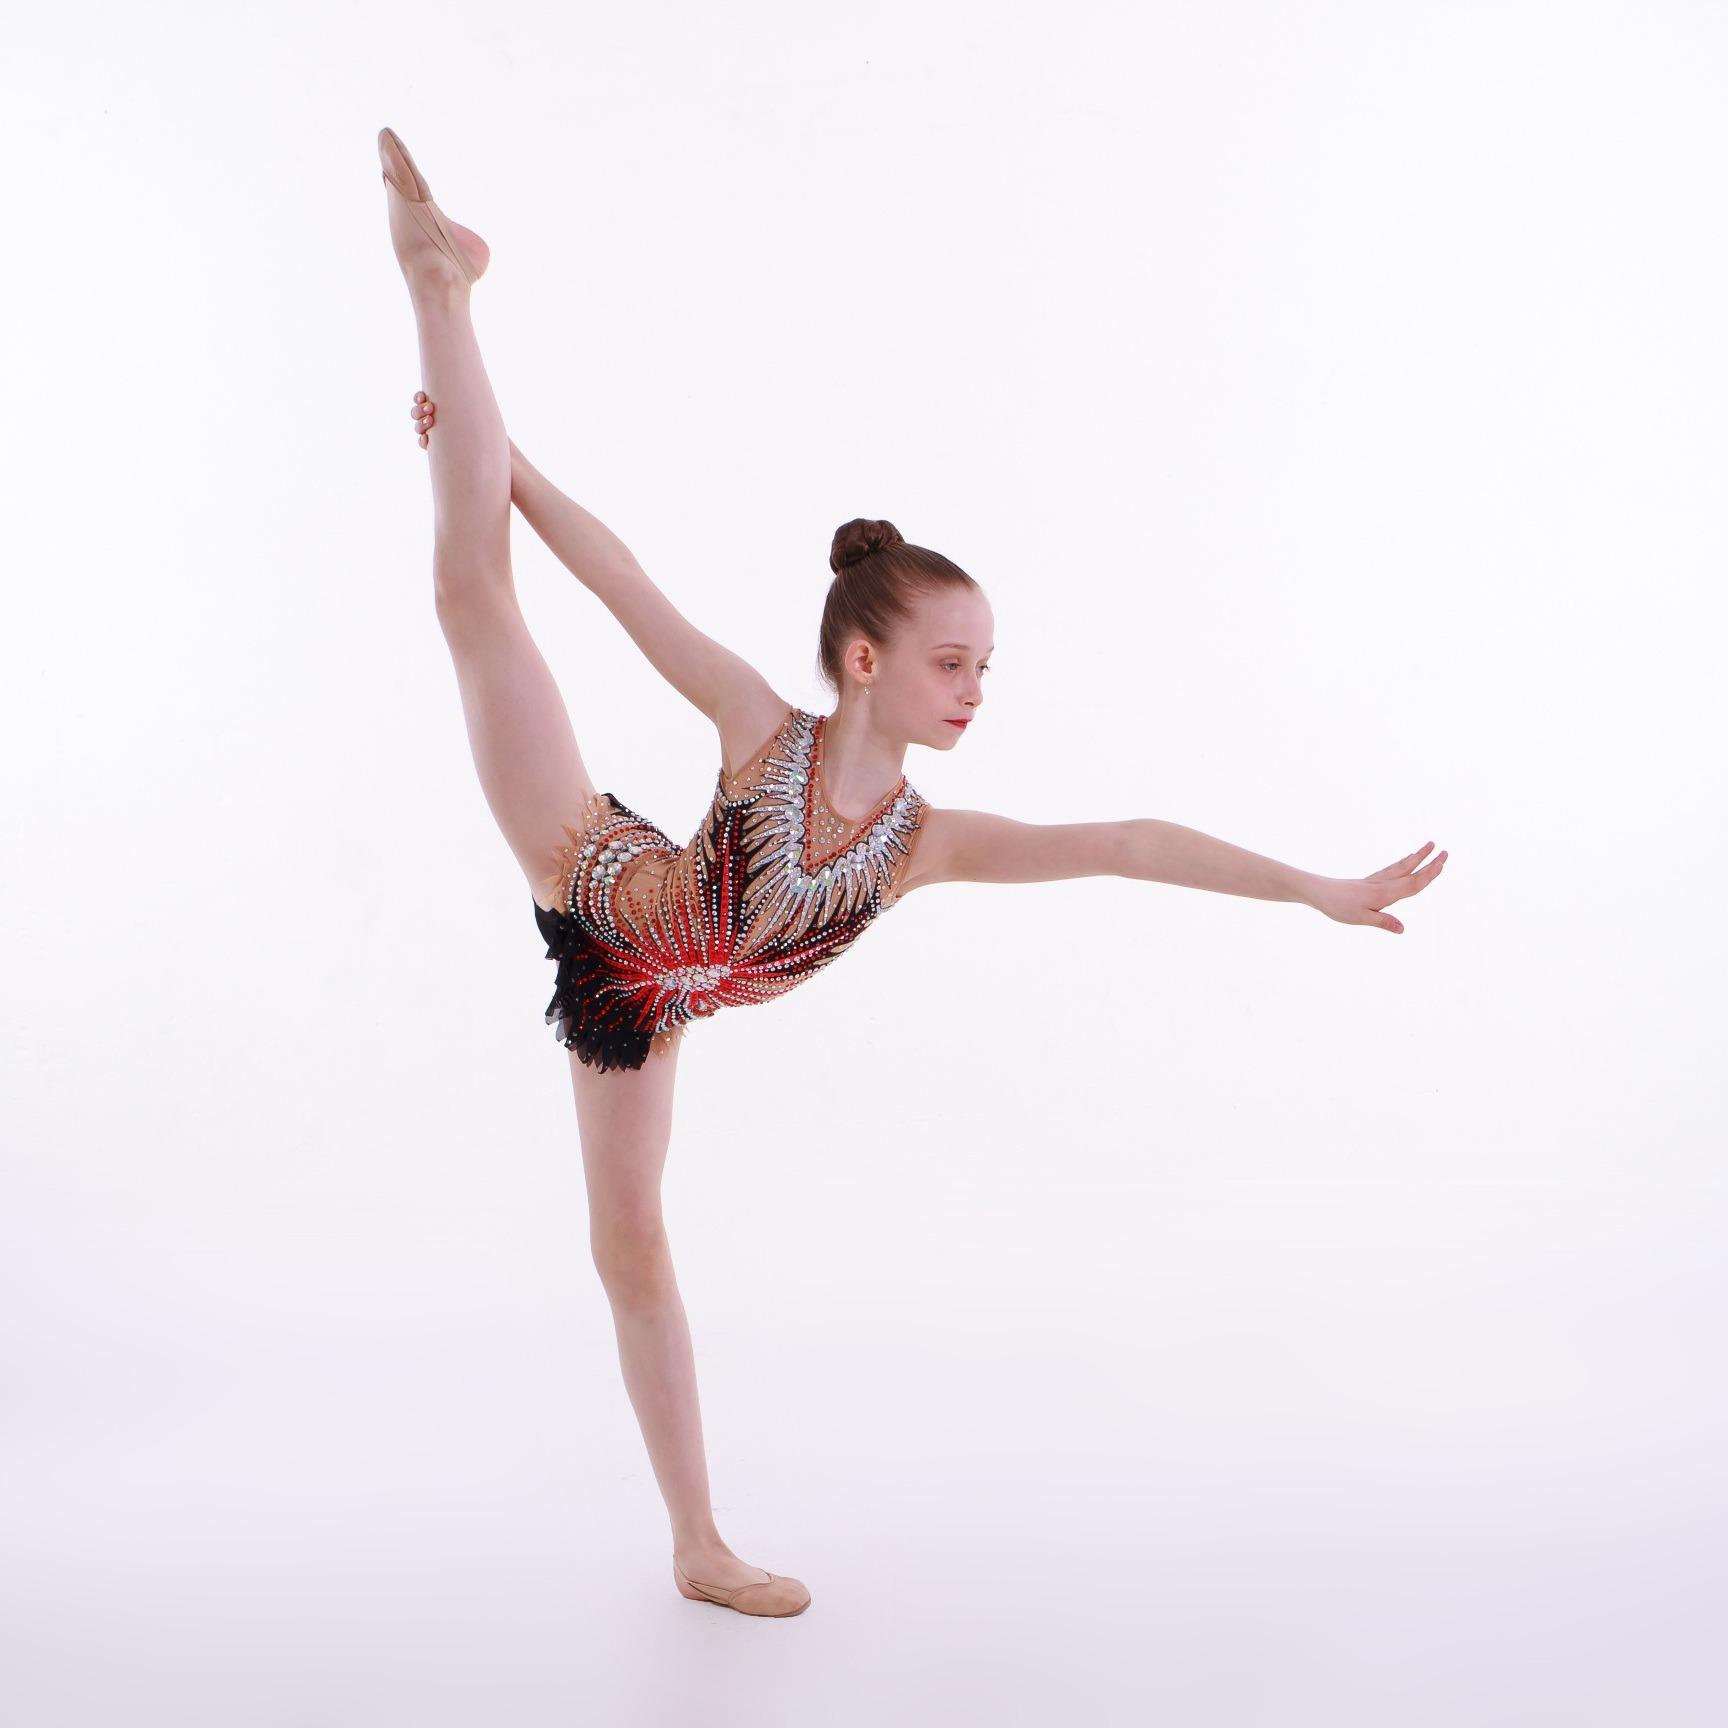 Zajęcia dla dzieci Gimnastyka artystyczna z elementami tańca 5-7 lat poziom początkujący w Warszawie